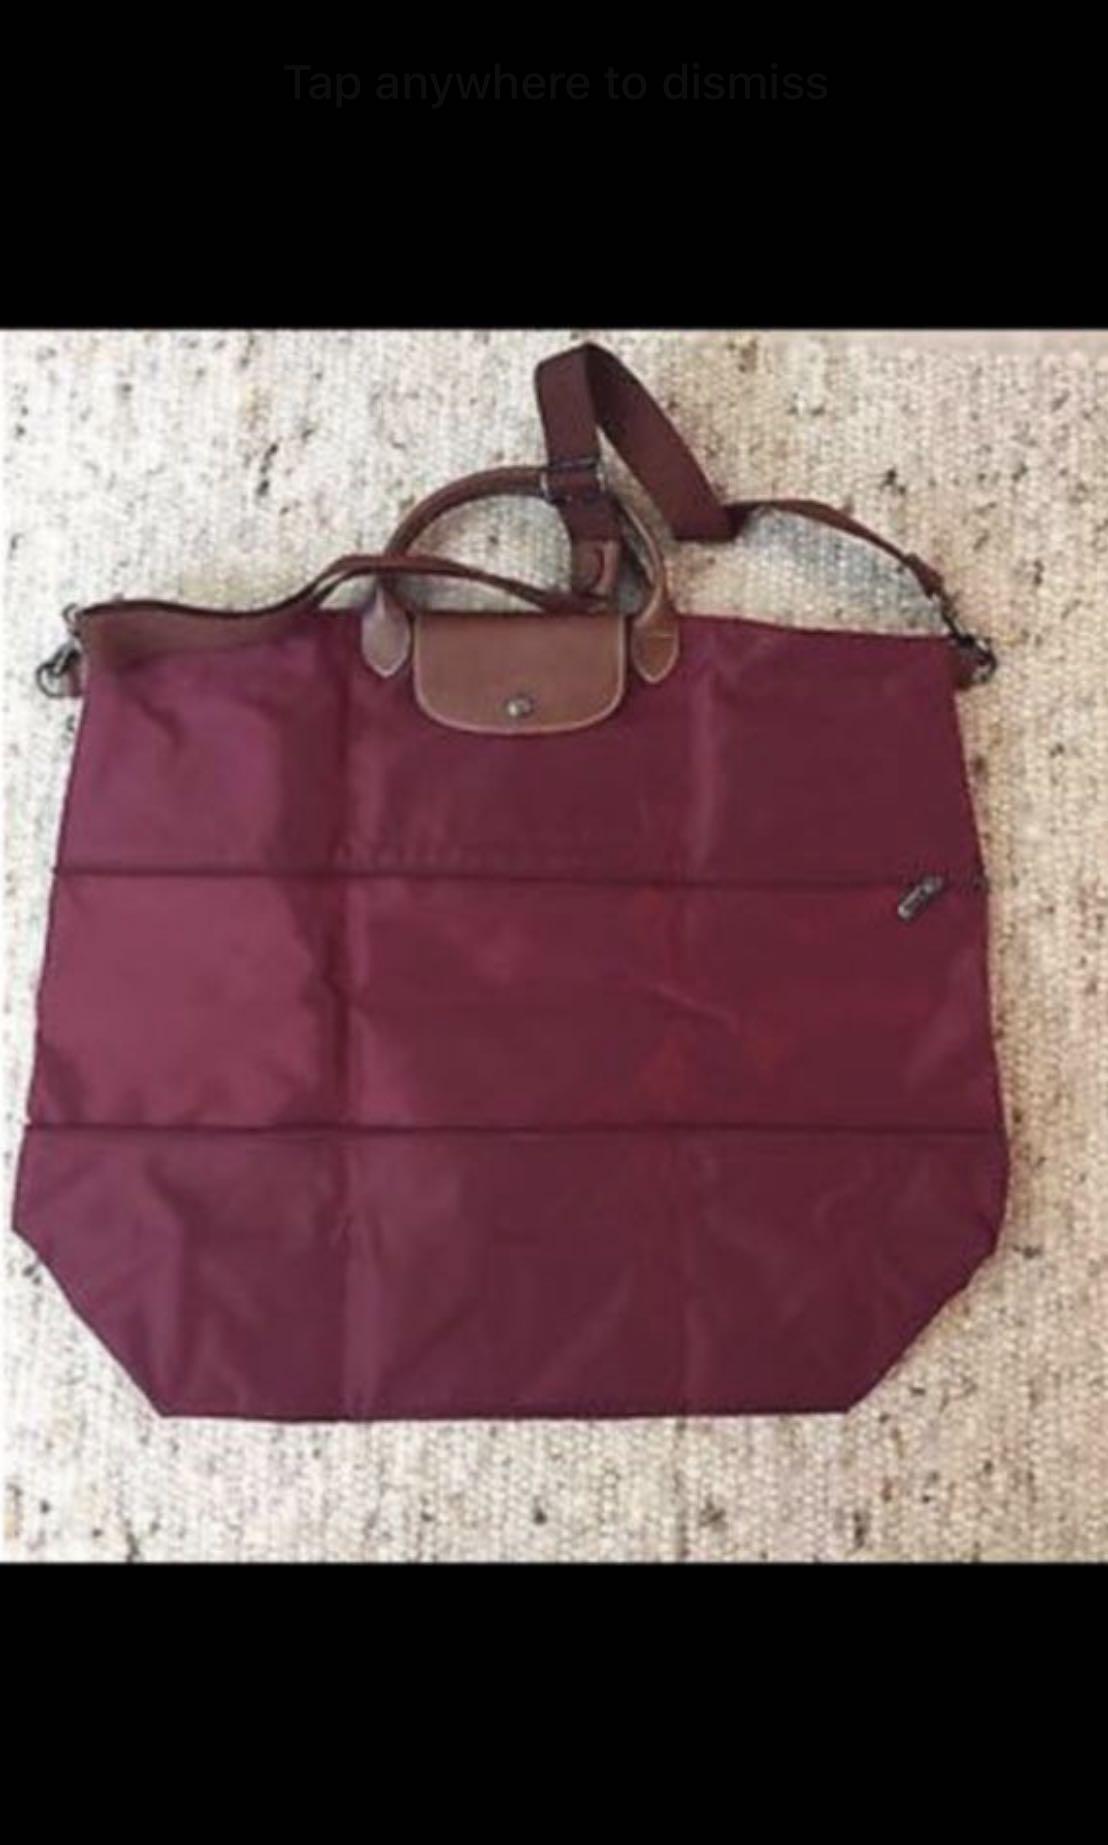 a3dd1c242575 Longchamp Le Pliage Expandable travel bag